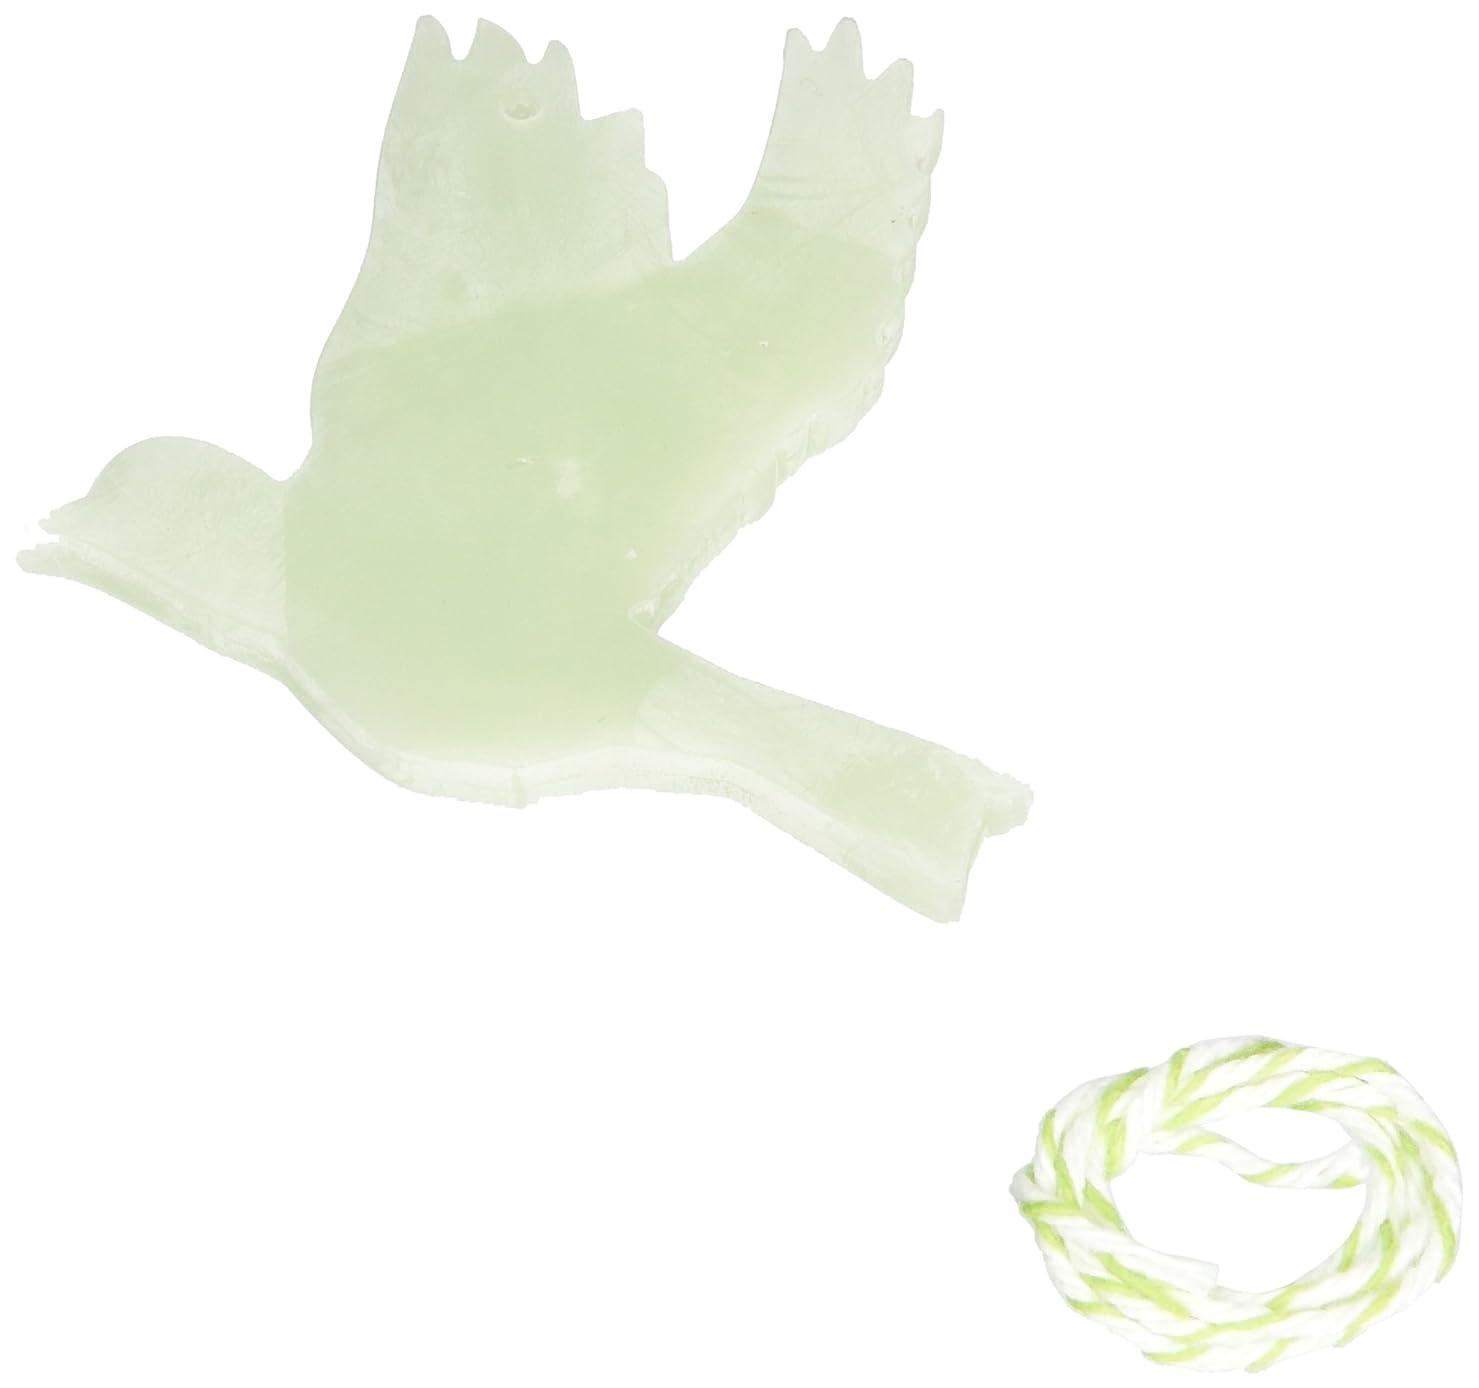 固有の差し控える効果GRASSE TOKYO AROMATICWAXチャーム「ハト」(GR) レモングラス アロマティックワックス グラーストウキョウ